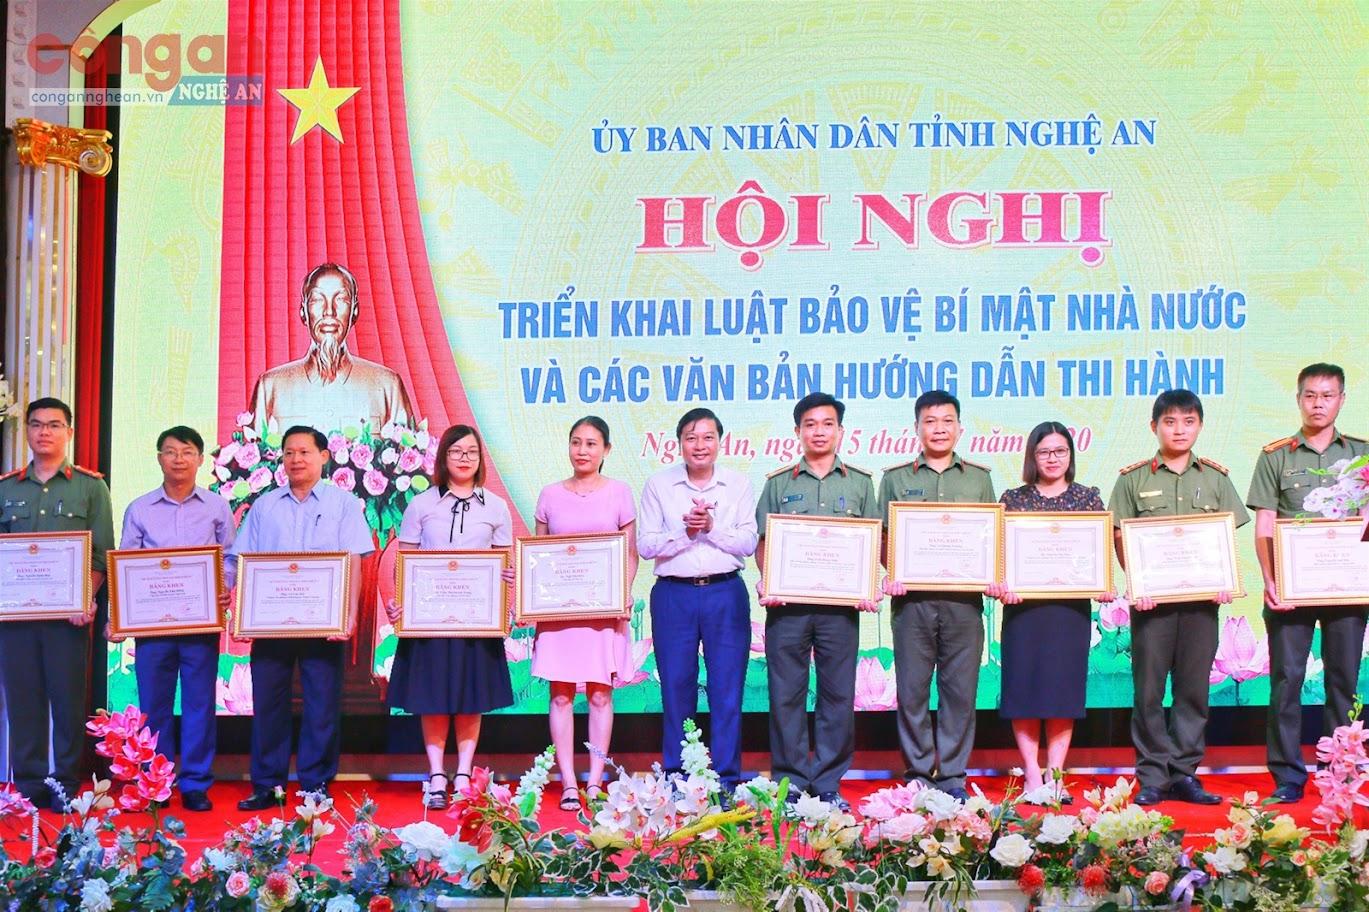 Đồng chí Lê Hồng Vinh, Ủy viên BTV Tỉnh ủy, Phó Chủ tịch Thường trực UBND tỉnh trao Bằng khen của Chủ tịch UBND tỉnh cho các cá nhân có thành tích xuất sắc trong triển khai thực hiện công tác bảo vệ bí mật Nhà nước